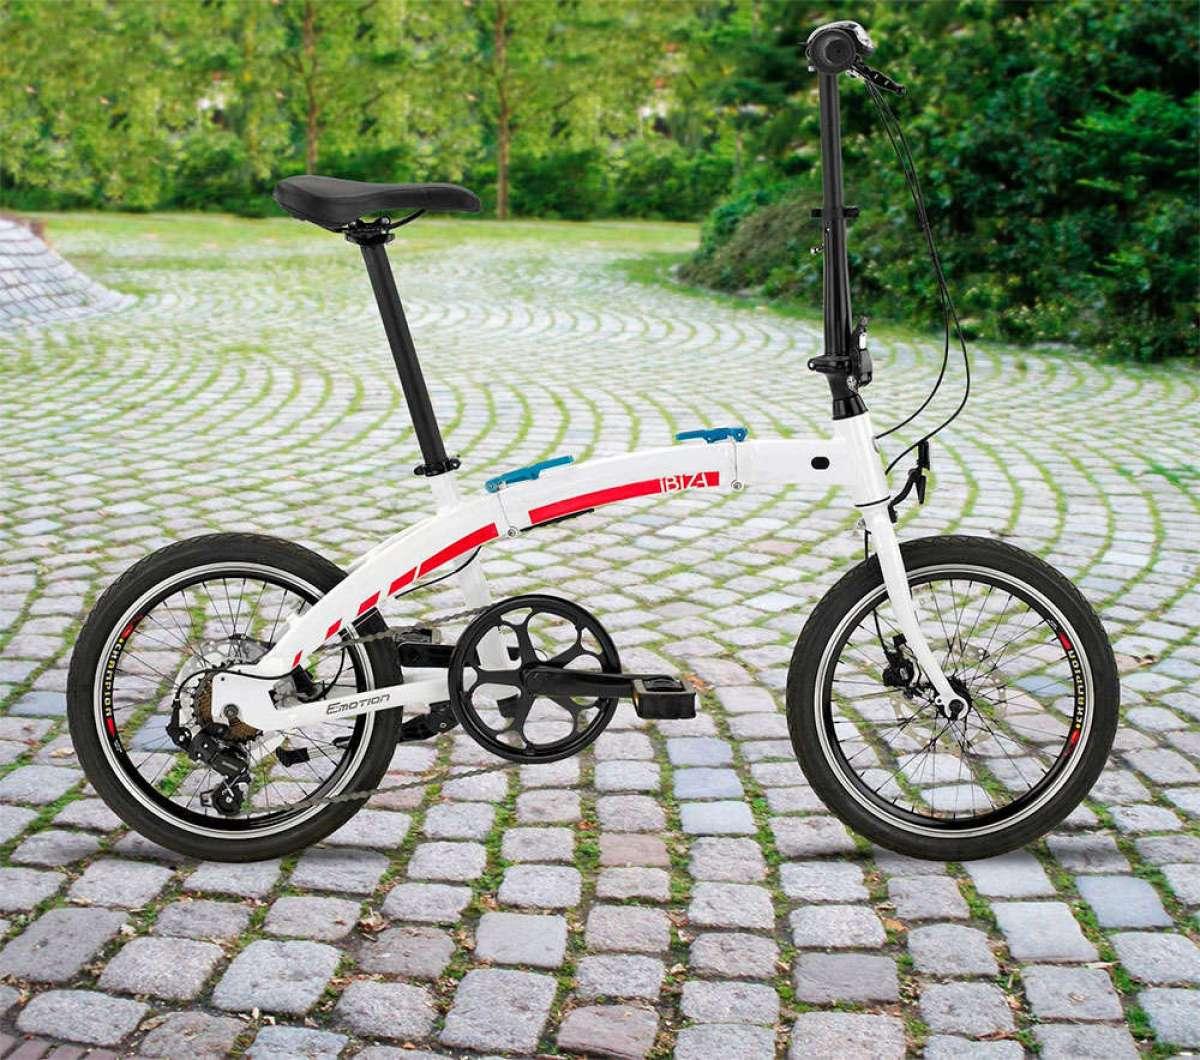 En TodoMountainBike: BH Ibiza 2018, una bicicleta plegable (con sistema rápido patentado) perfecta para desplazamientos urbanos